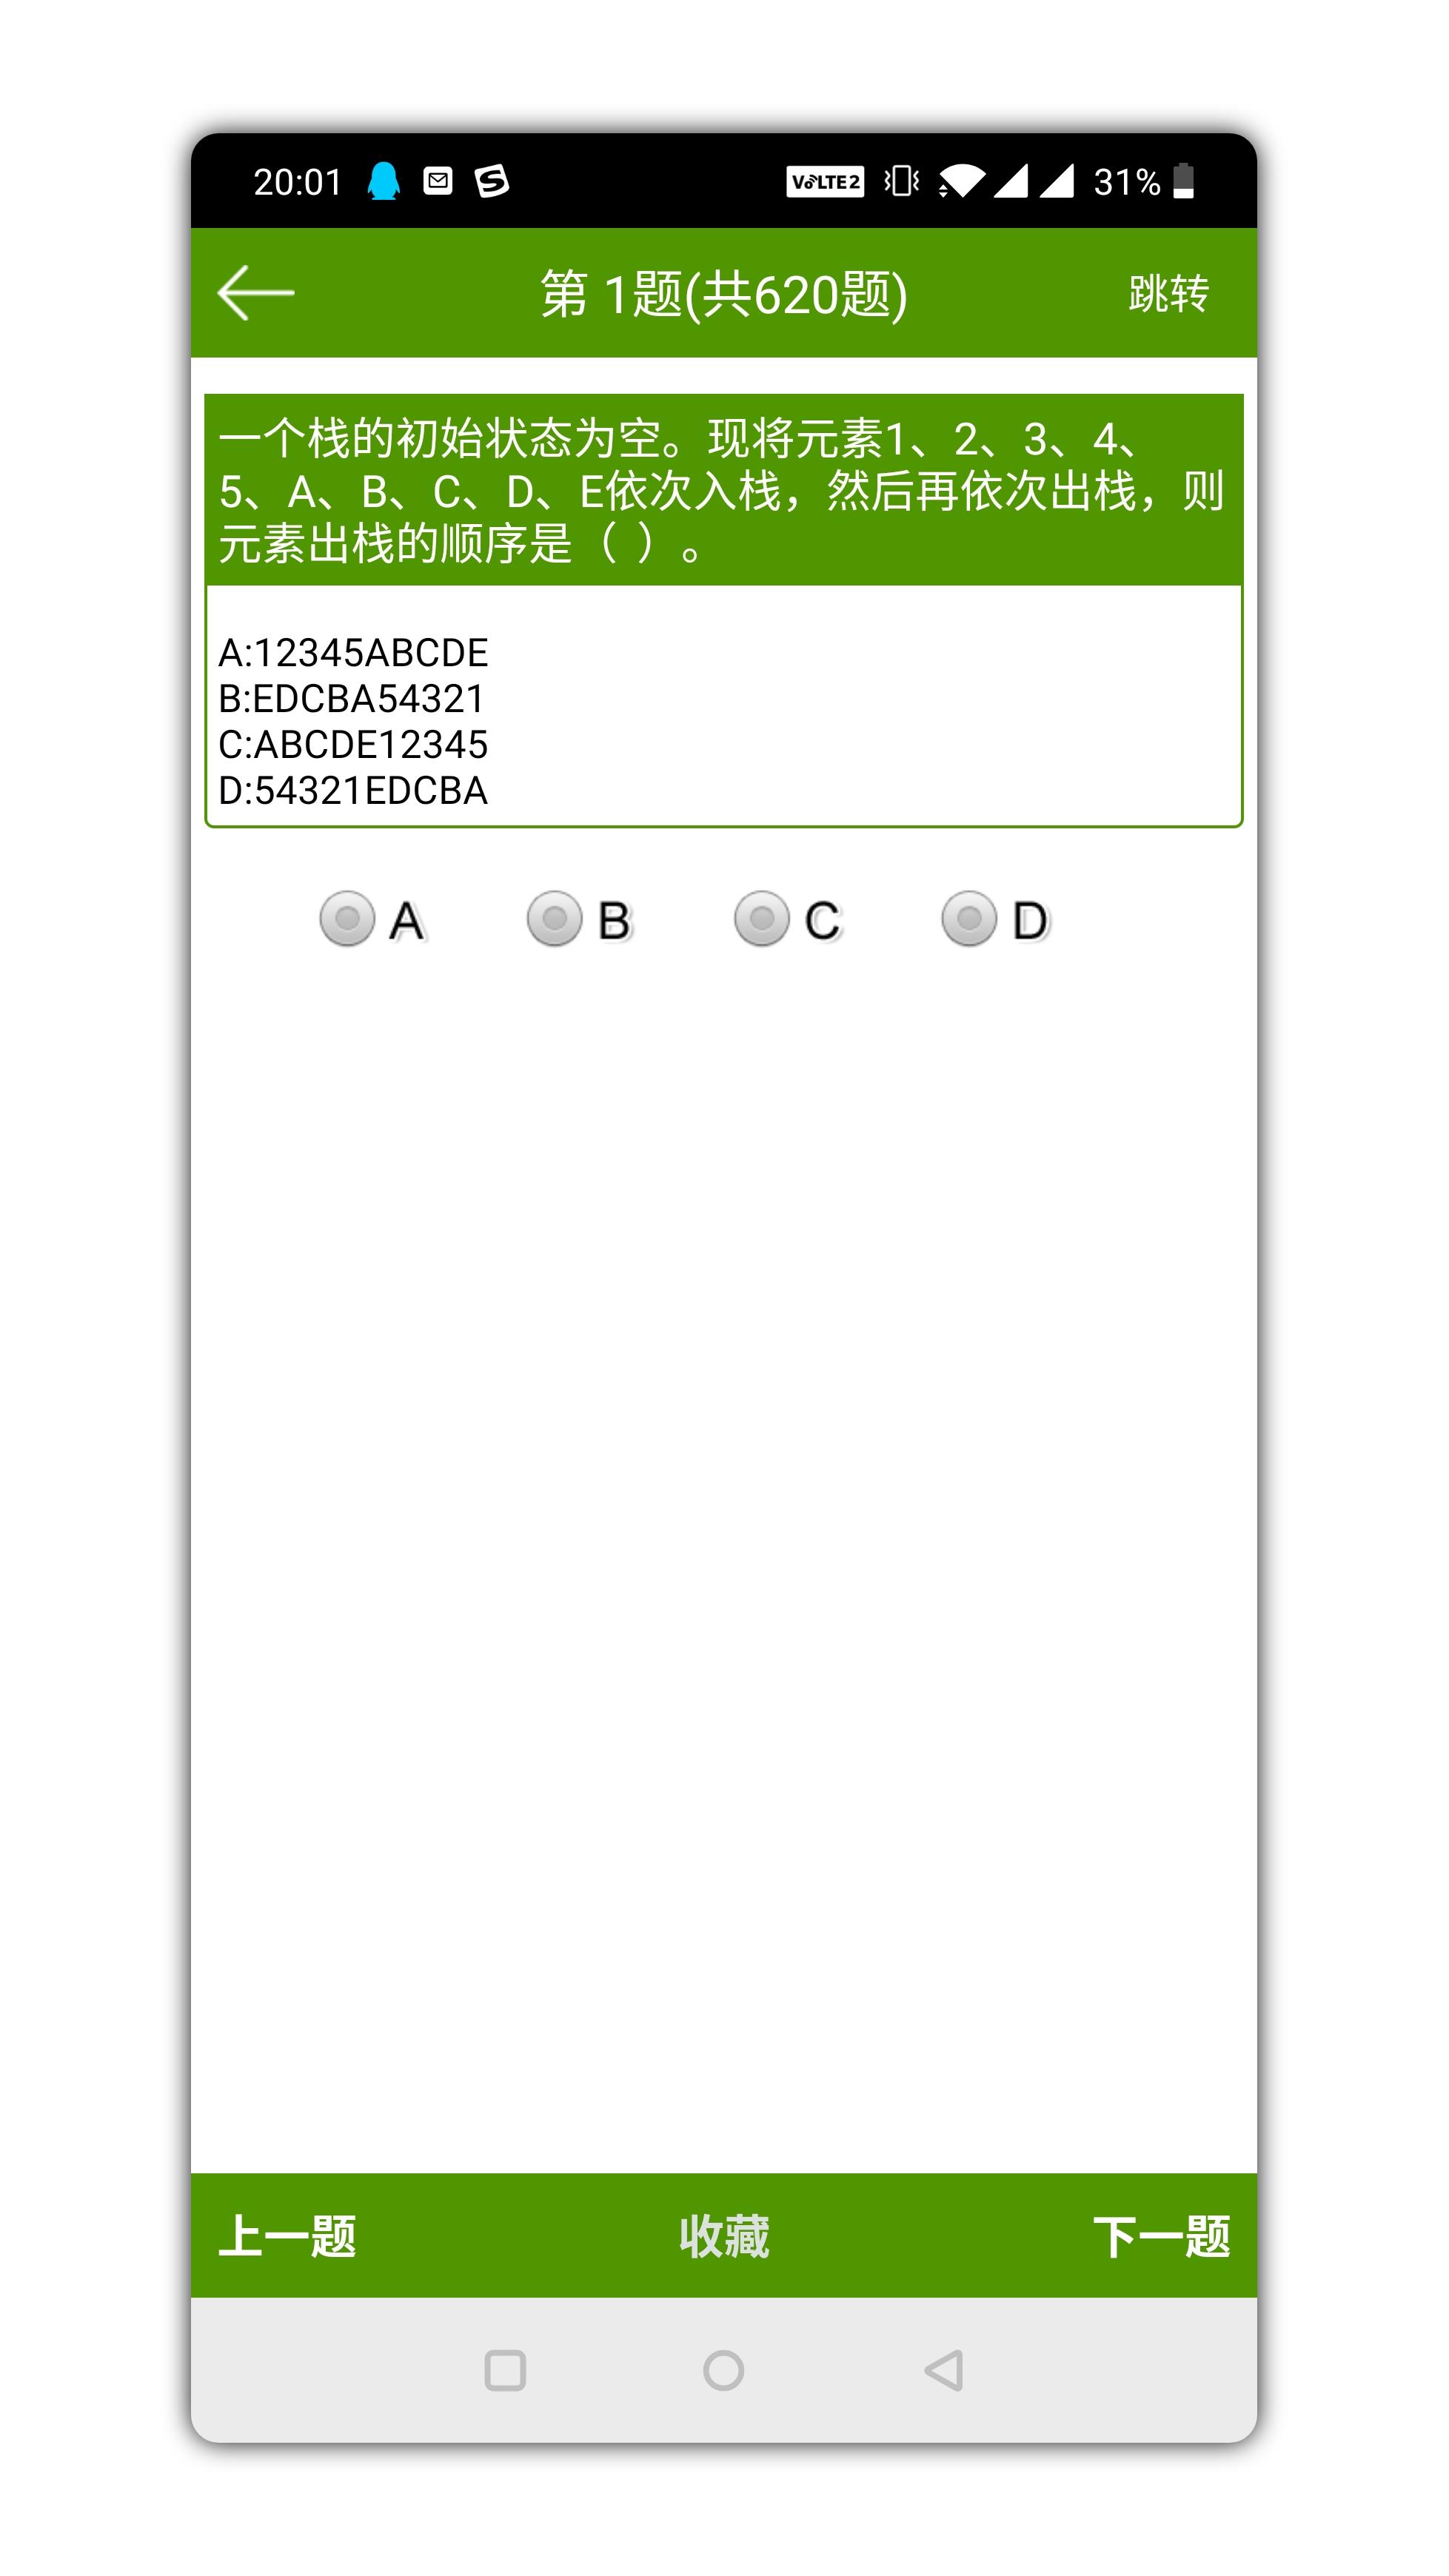 计算机二级考试宝优化版截图2